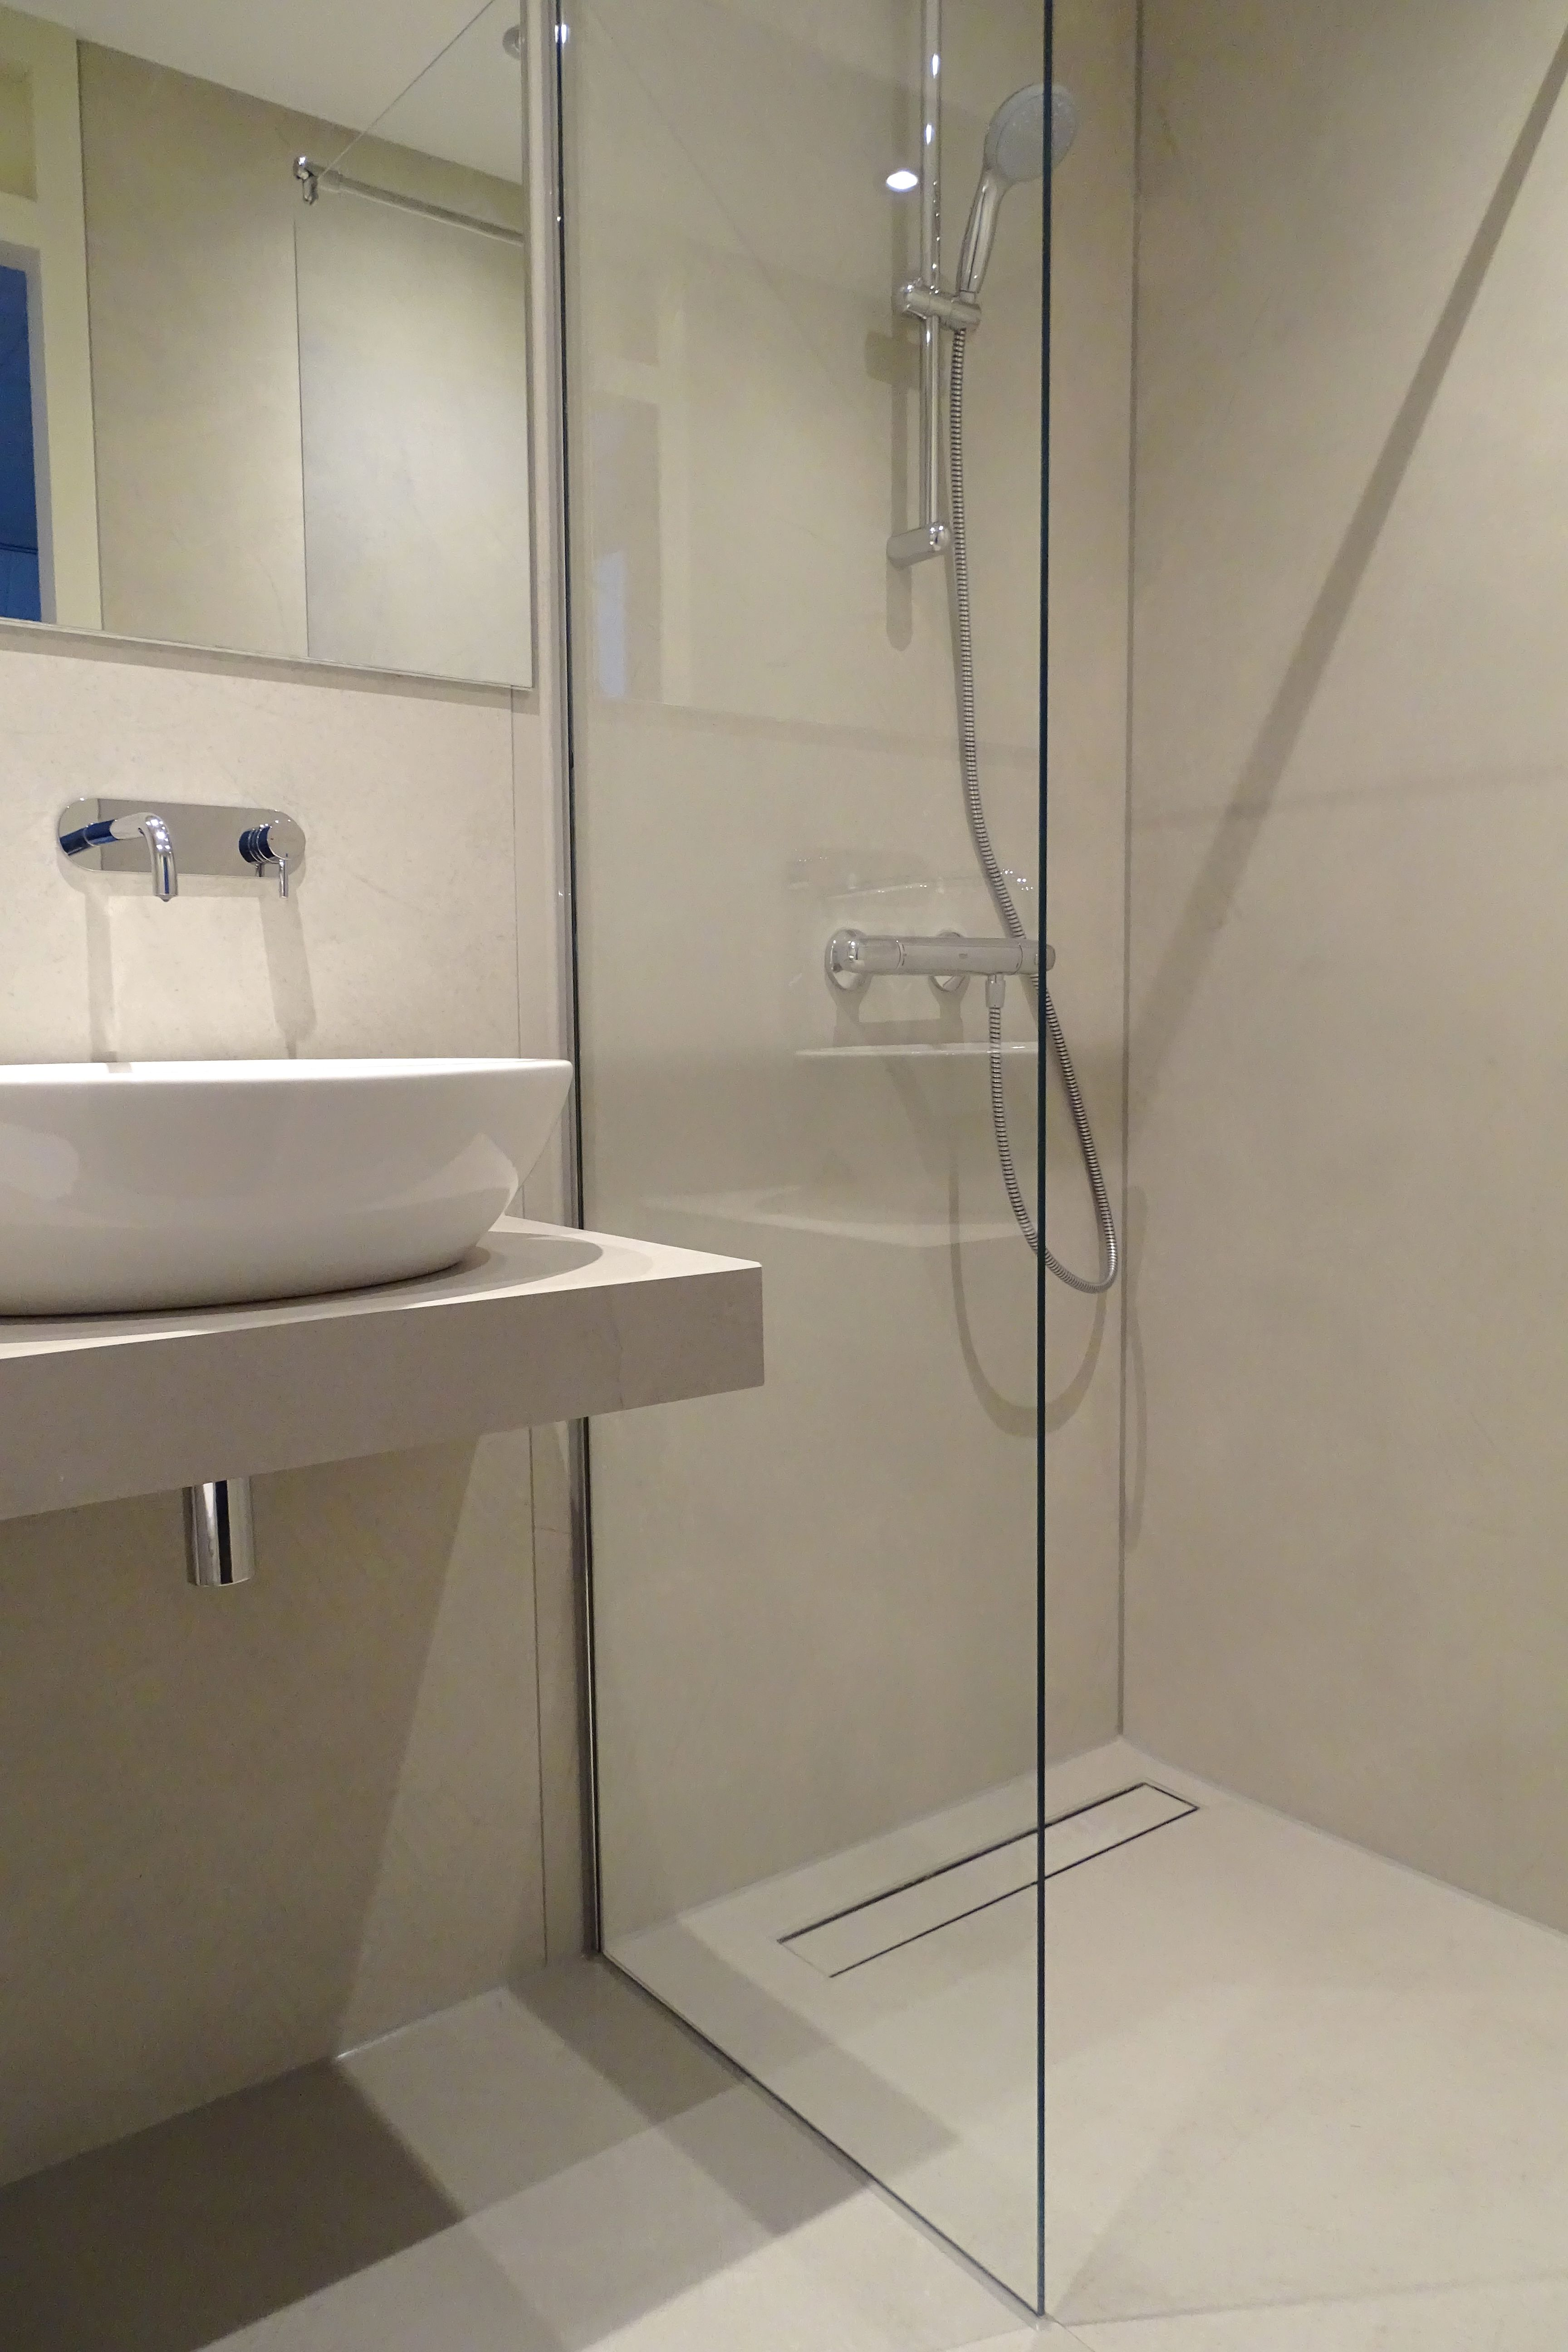 Asselux hotelproject   Badkamer met keramische vloer- en ...